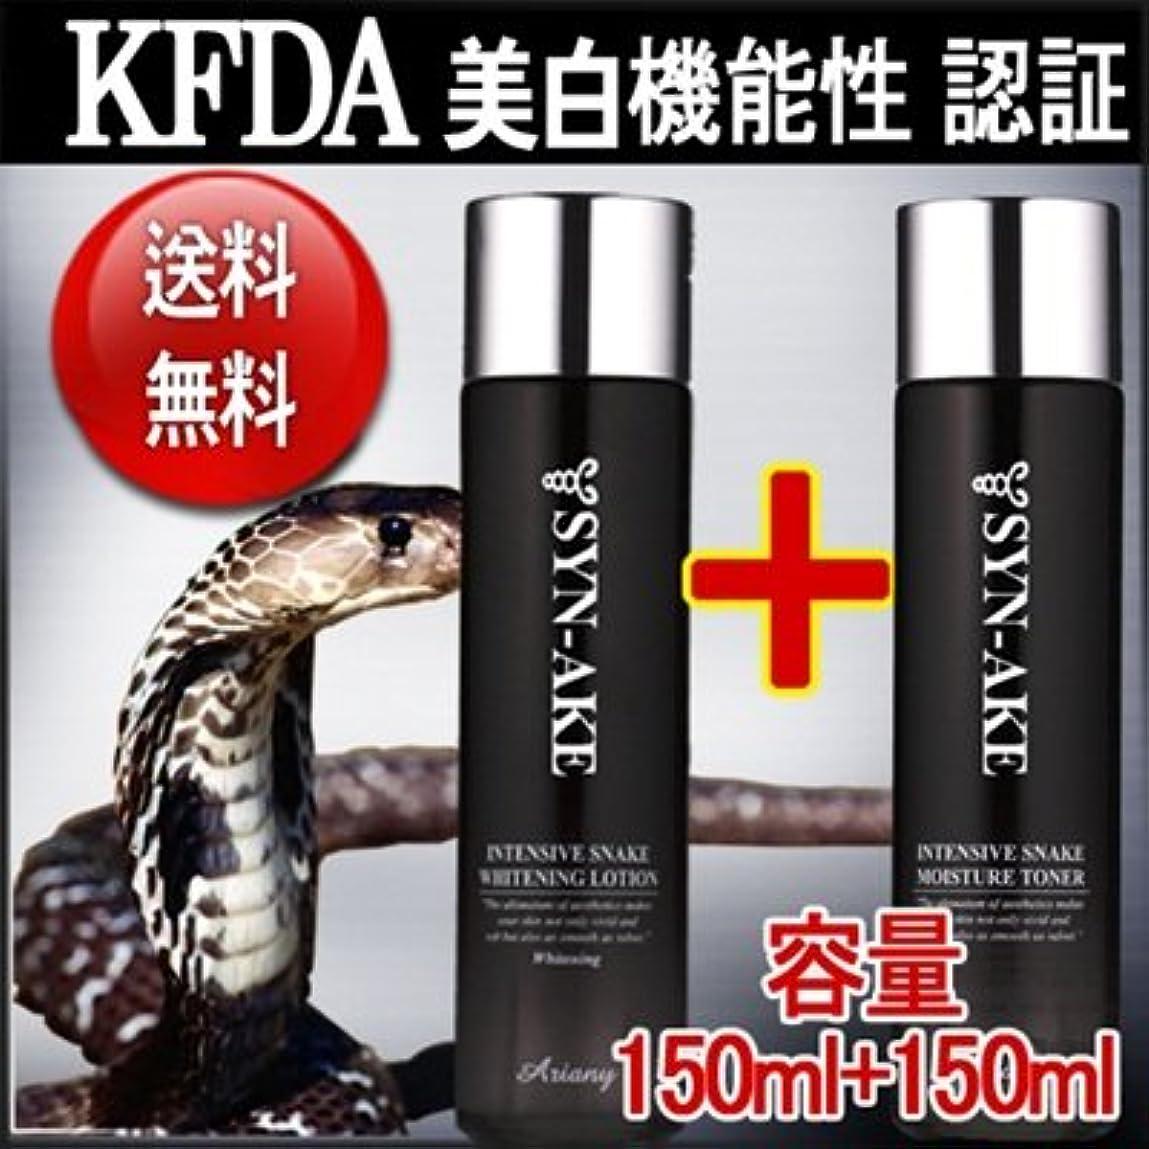 ウイルス雲信仰韓国アリアー二 (Ariany) 蛇毒/ 毒蛇化粧水&乳液2種セット